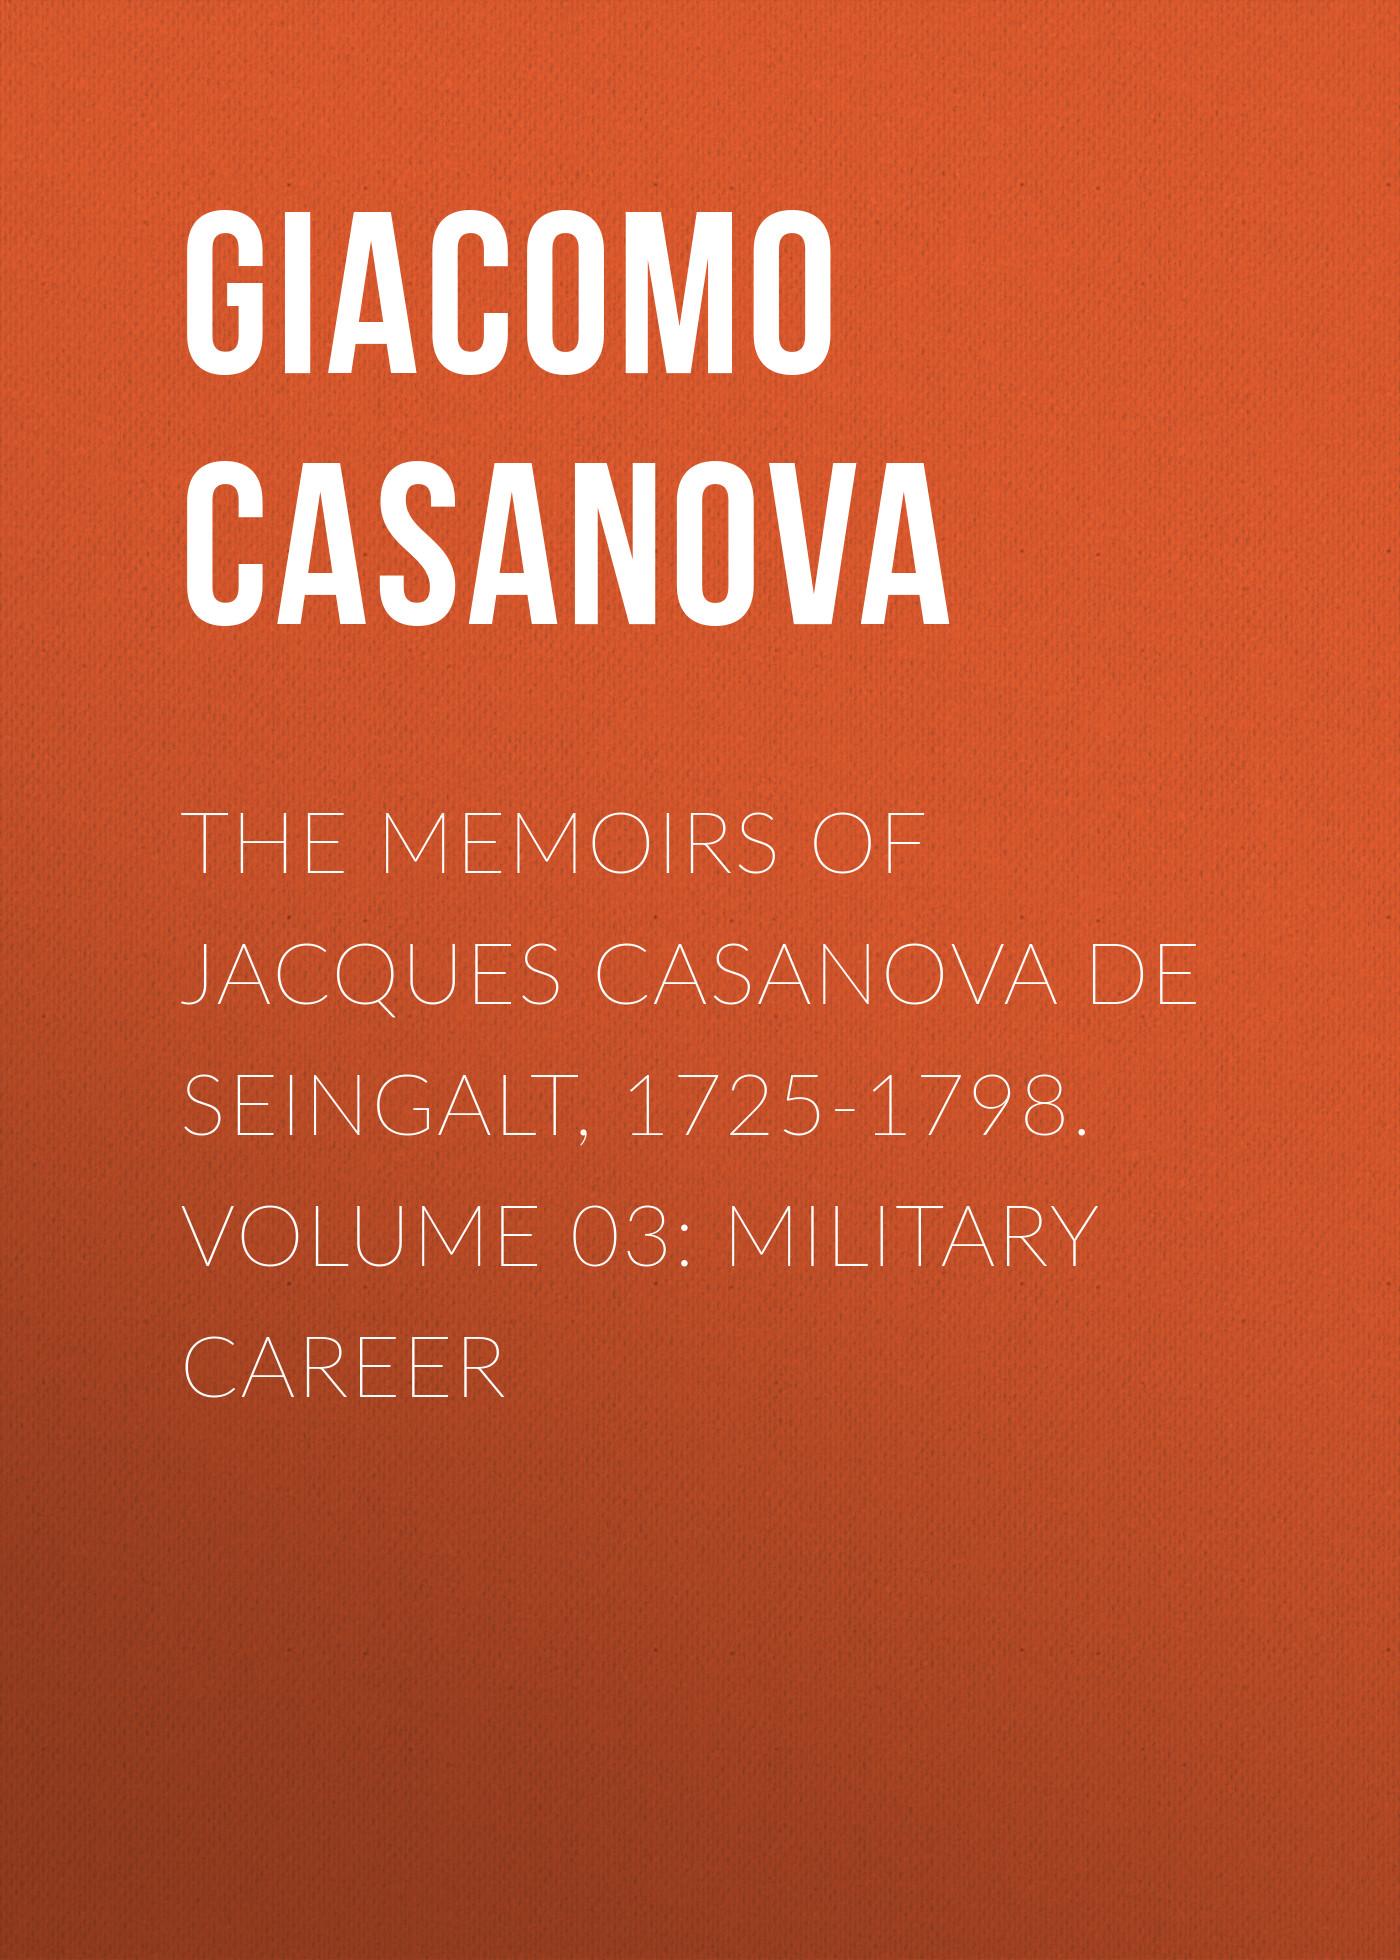 Giacomo Casanova The Memoirs of Jacques Casanova de Seingalt, 1725-1798. Volume 03: Military Career